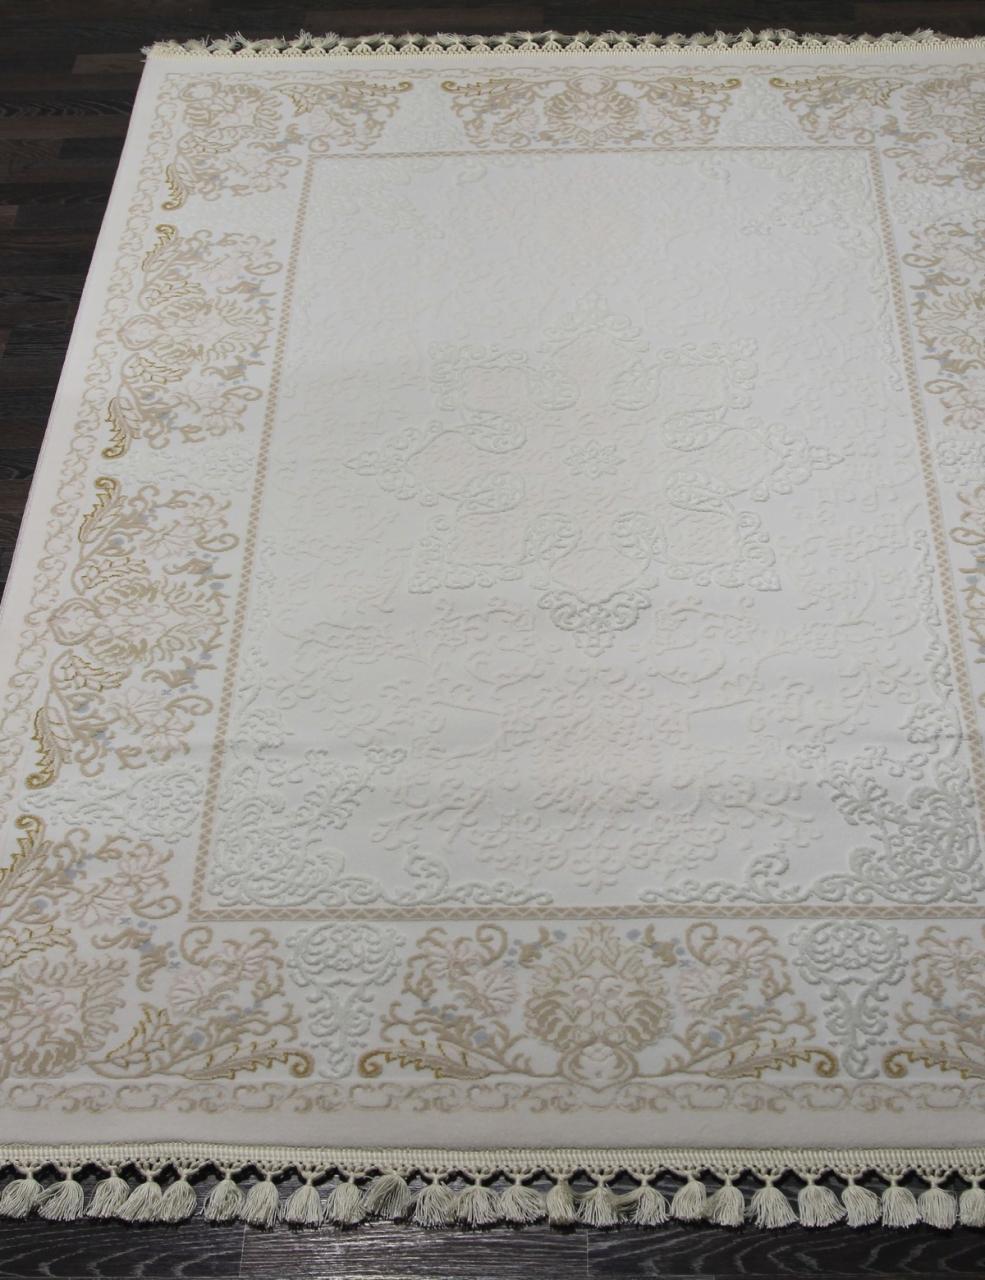 Ковер RM004 - 060 - Прямоугольник - коллекция RAMSES - фото 1